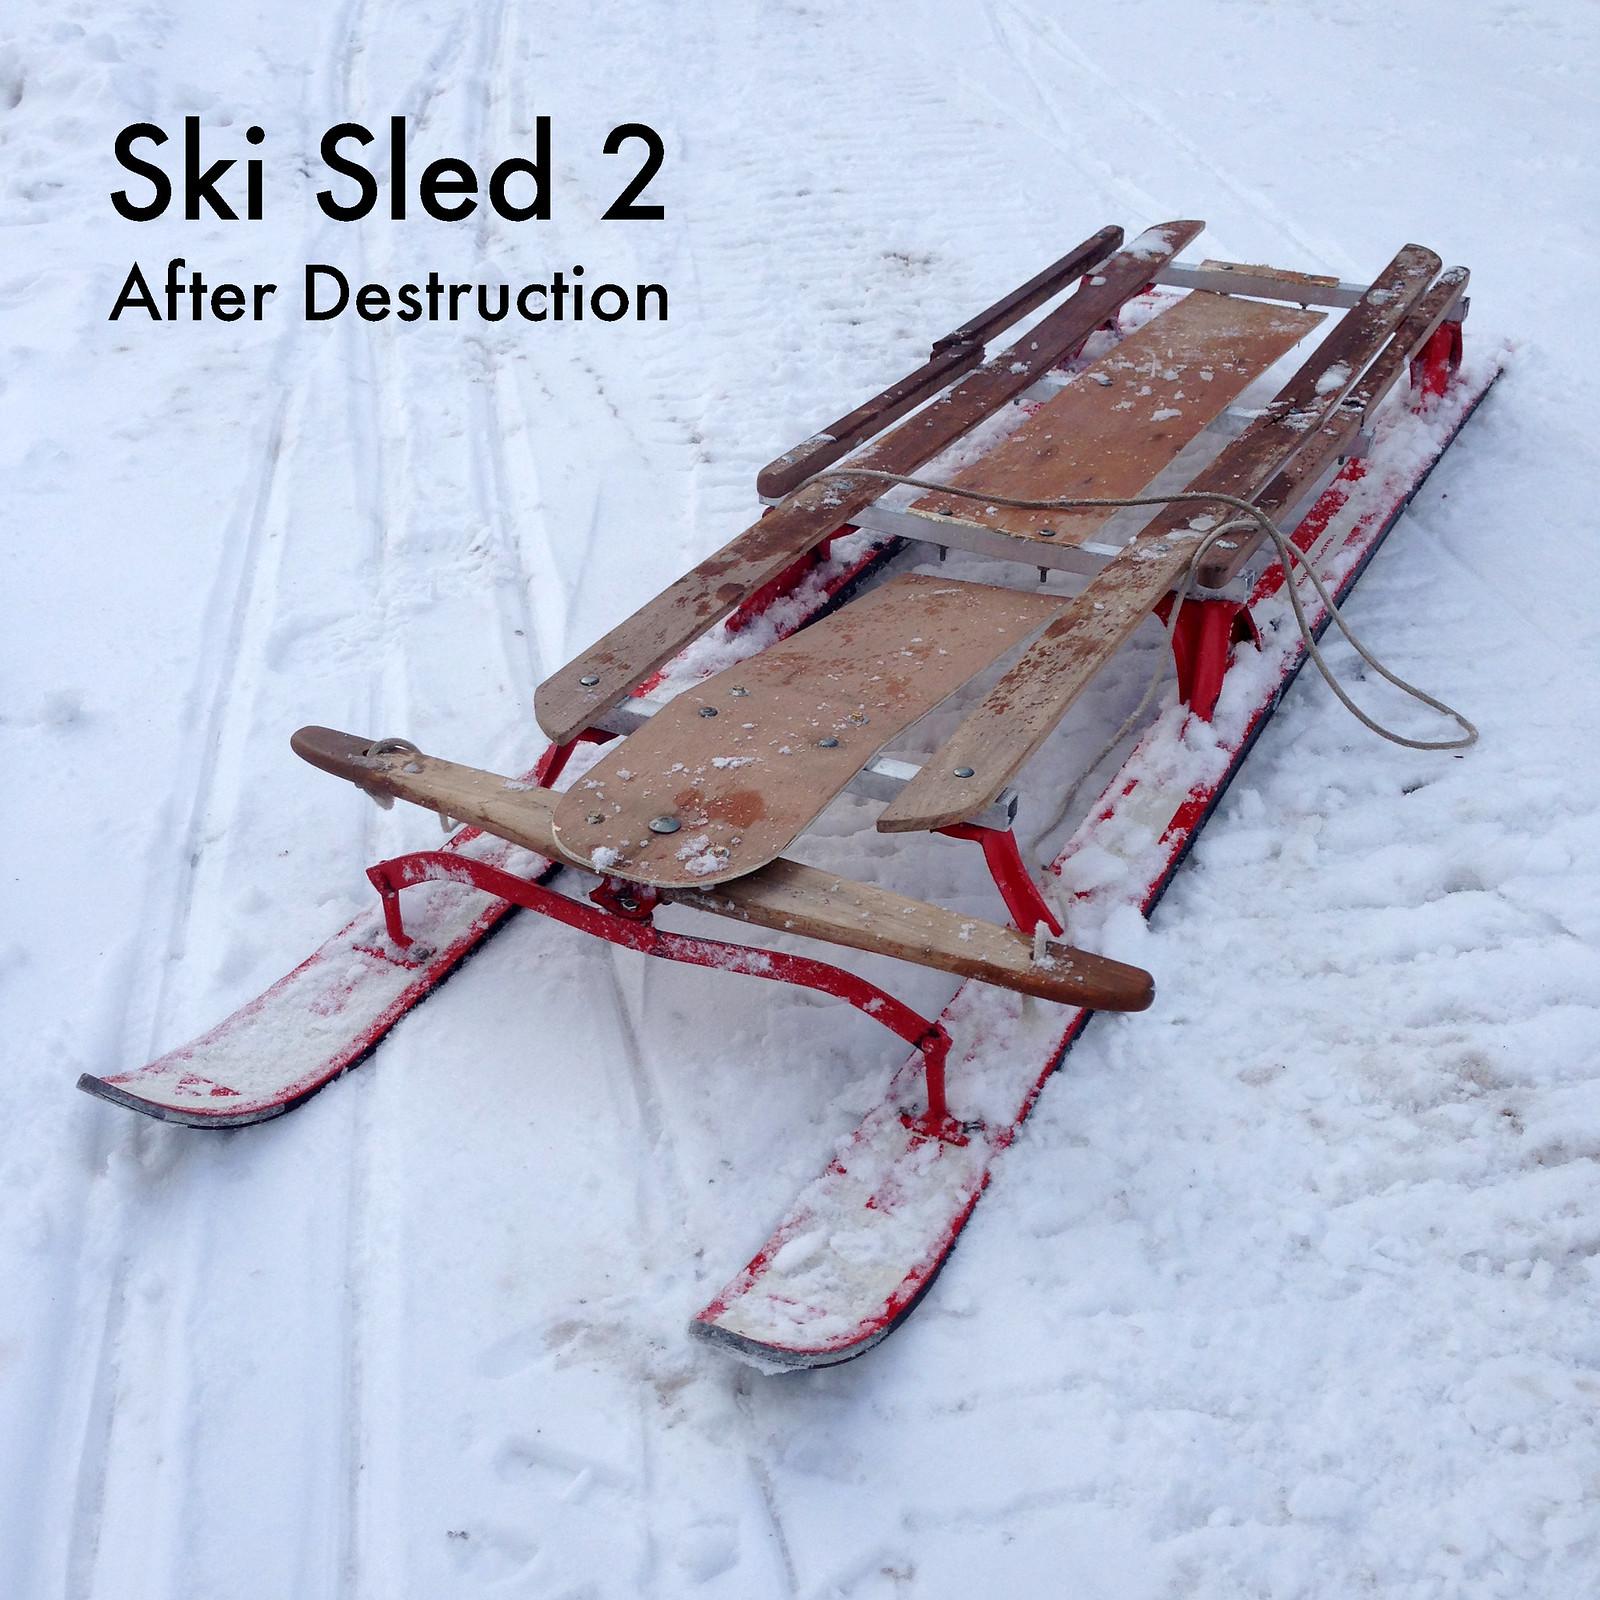 Ski Sled 2